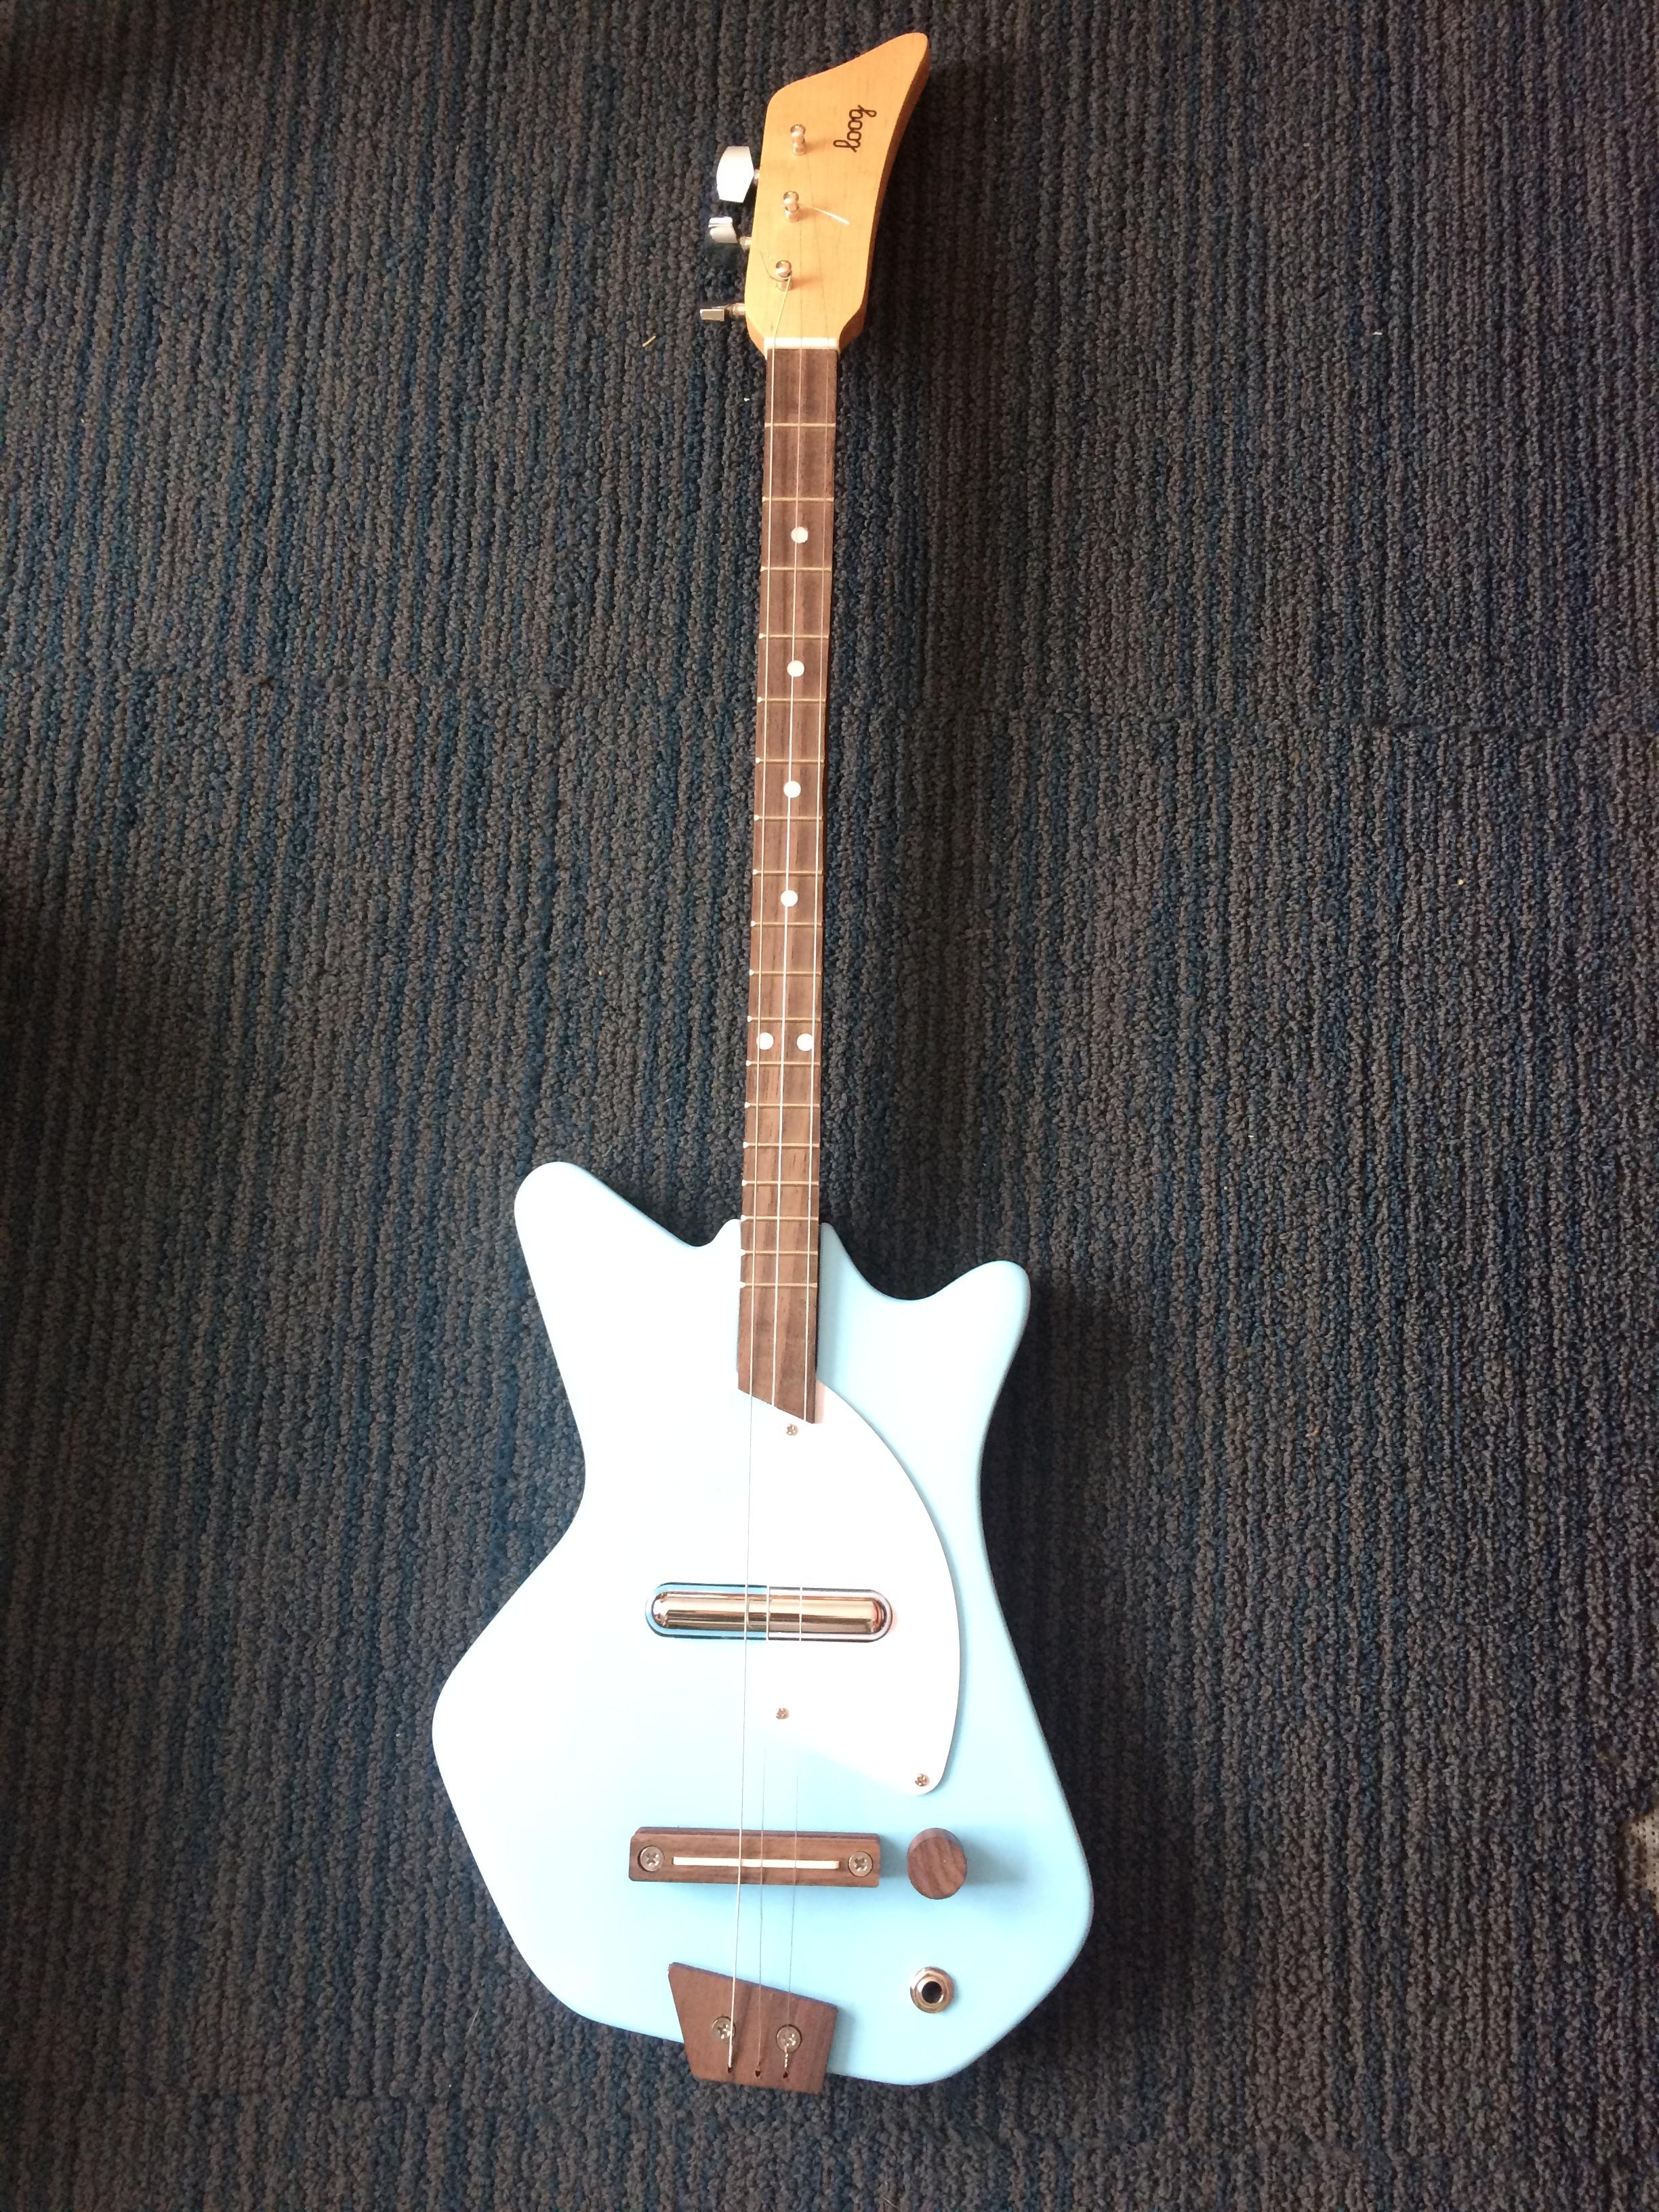 Electric Loog guitar in blue